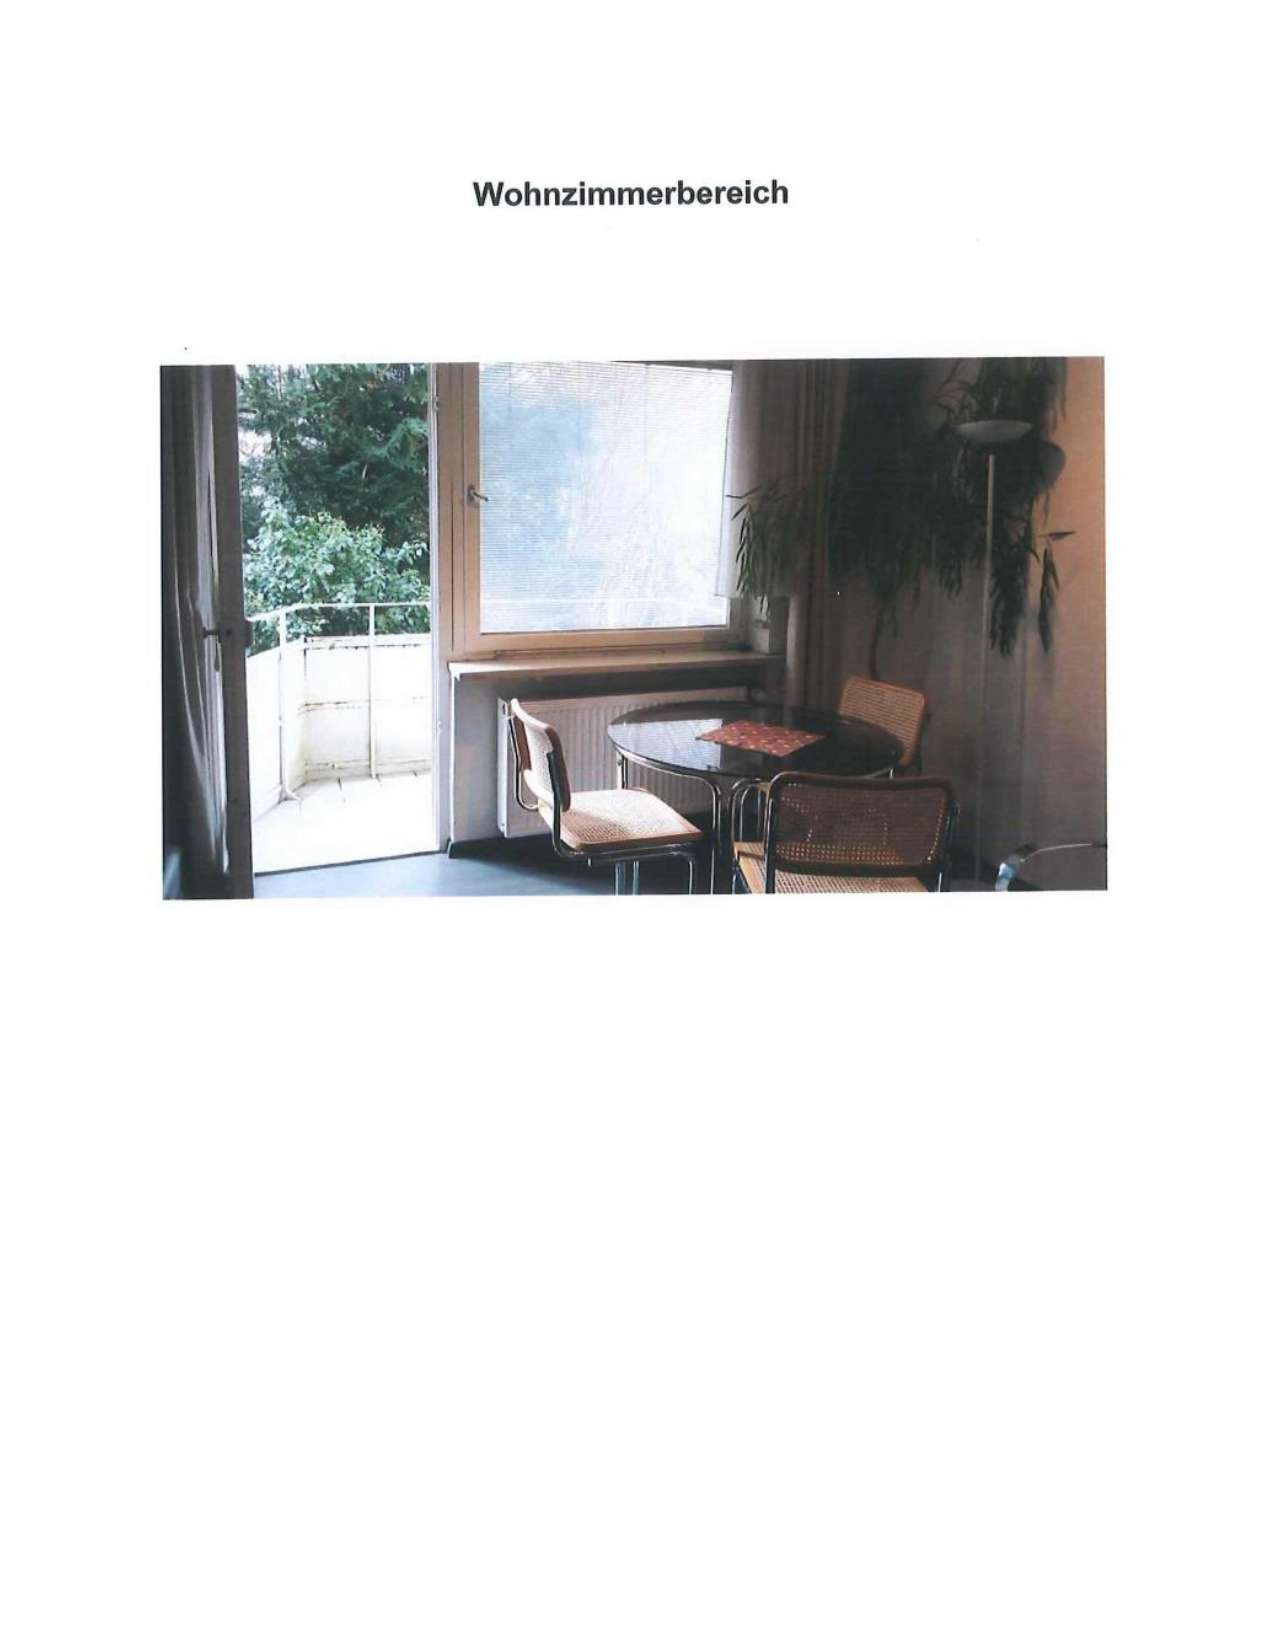 möblierte 1-Zimmer-Erdgeschosswohnung mit Balkon und Einbauküche in Bad Reichenhall